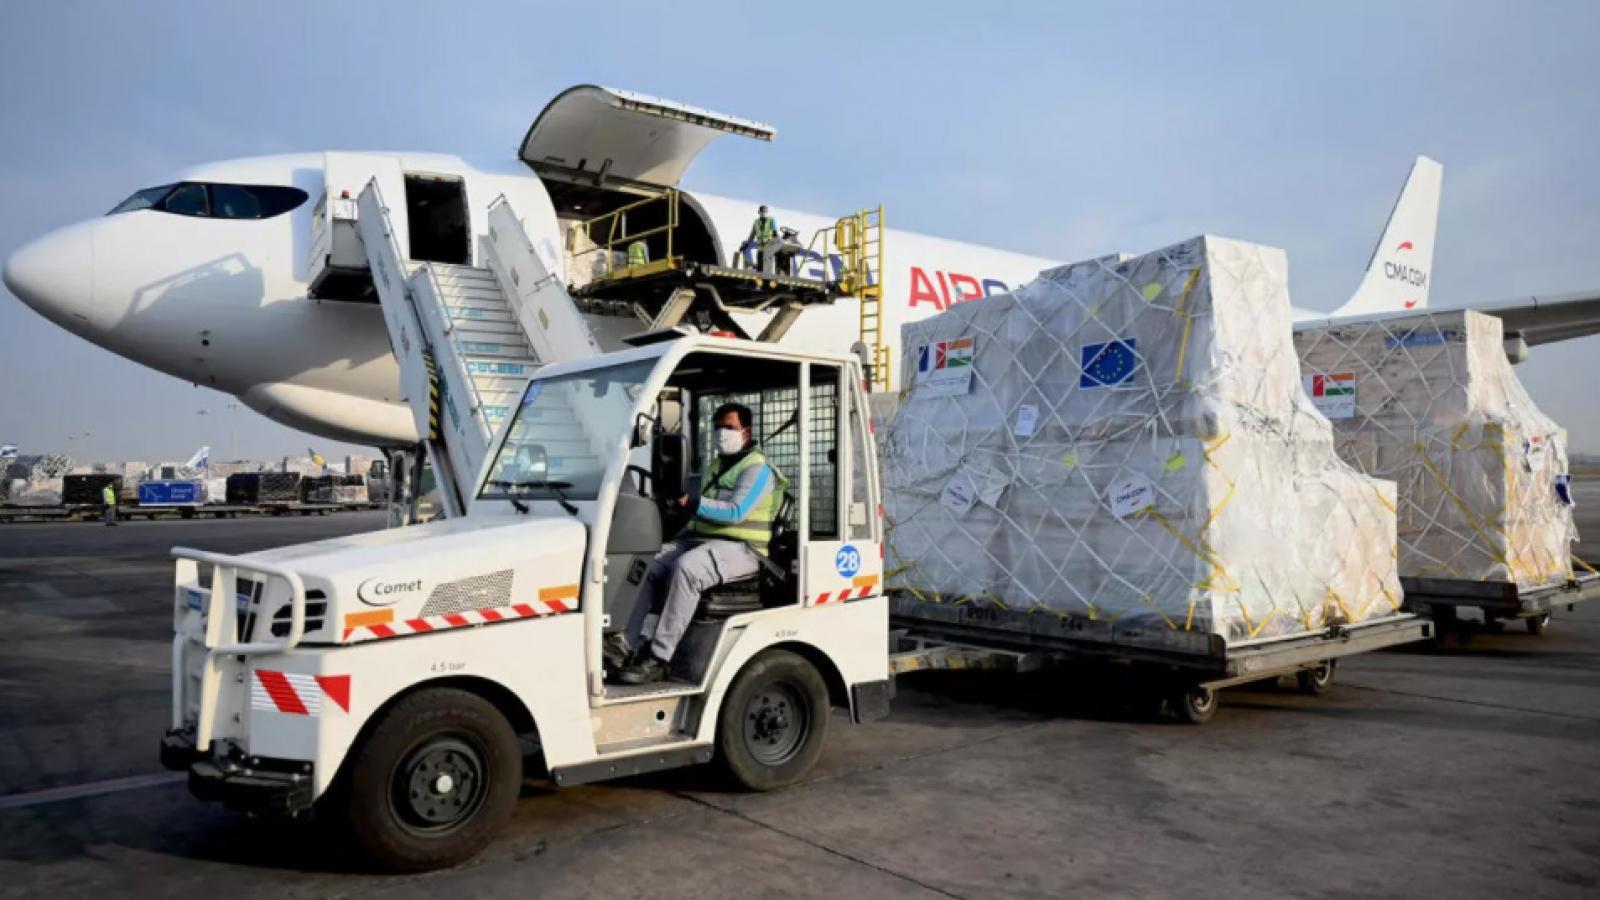 Châu Âu tăng tốc vận chuyển vật tư y tế trợ giúp Ấn Độ